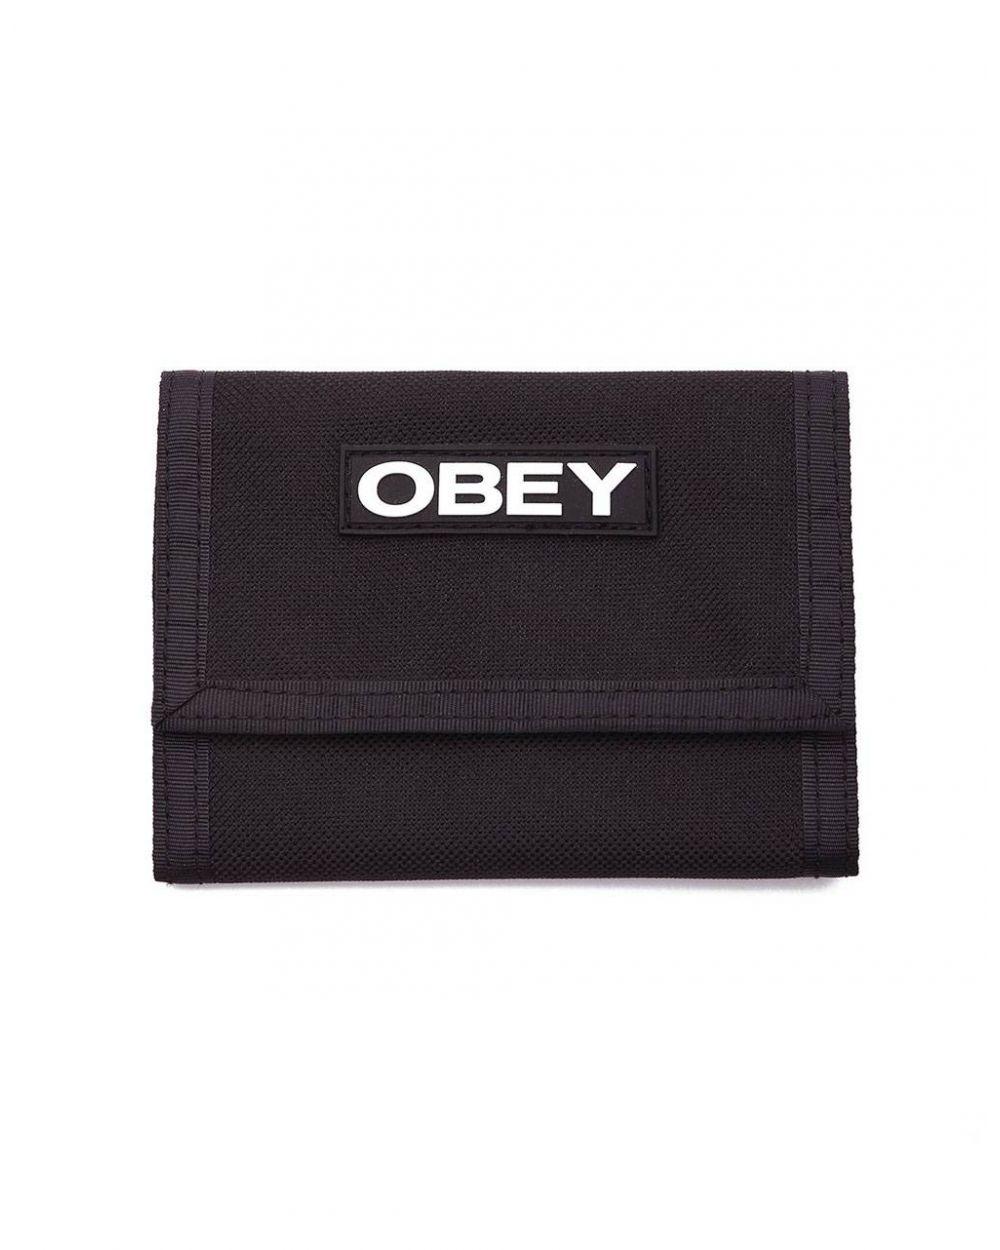 Obey commuter tri fold wallet - black obey Wallet 26,23€